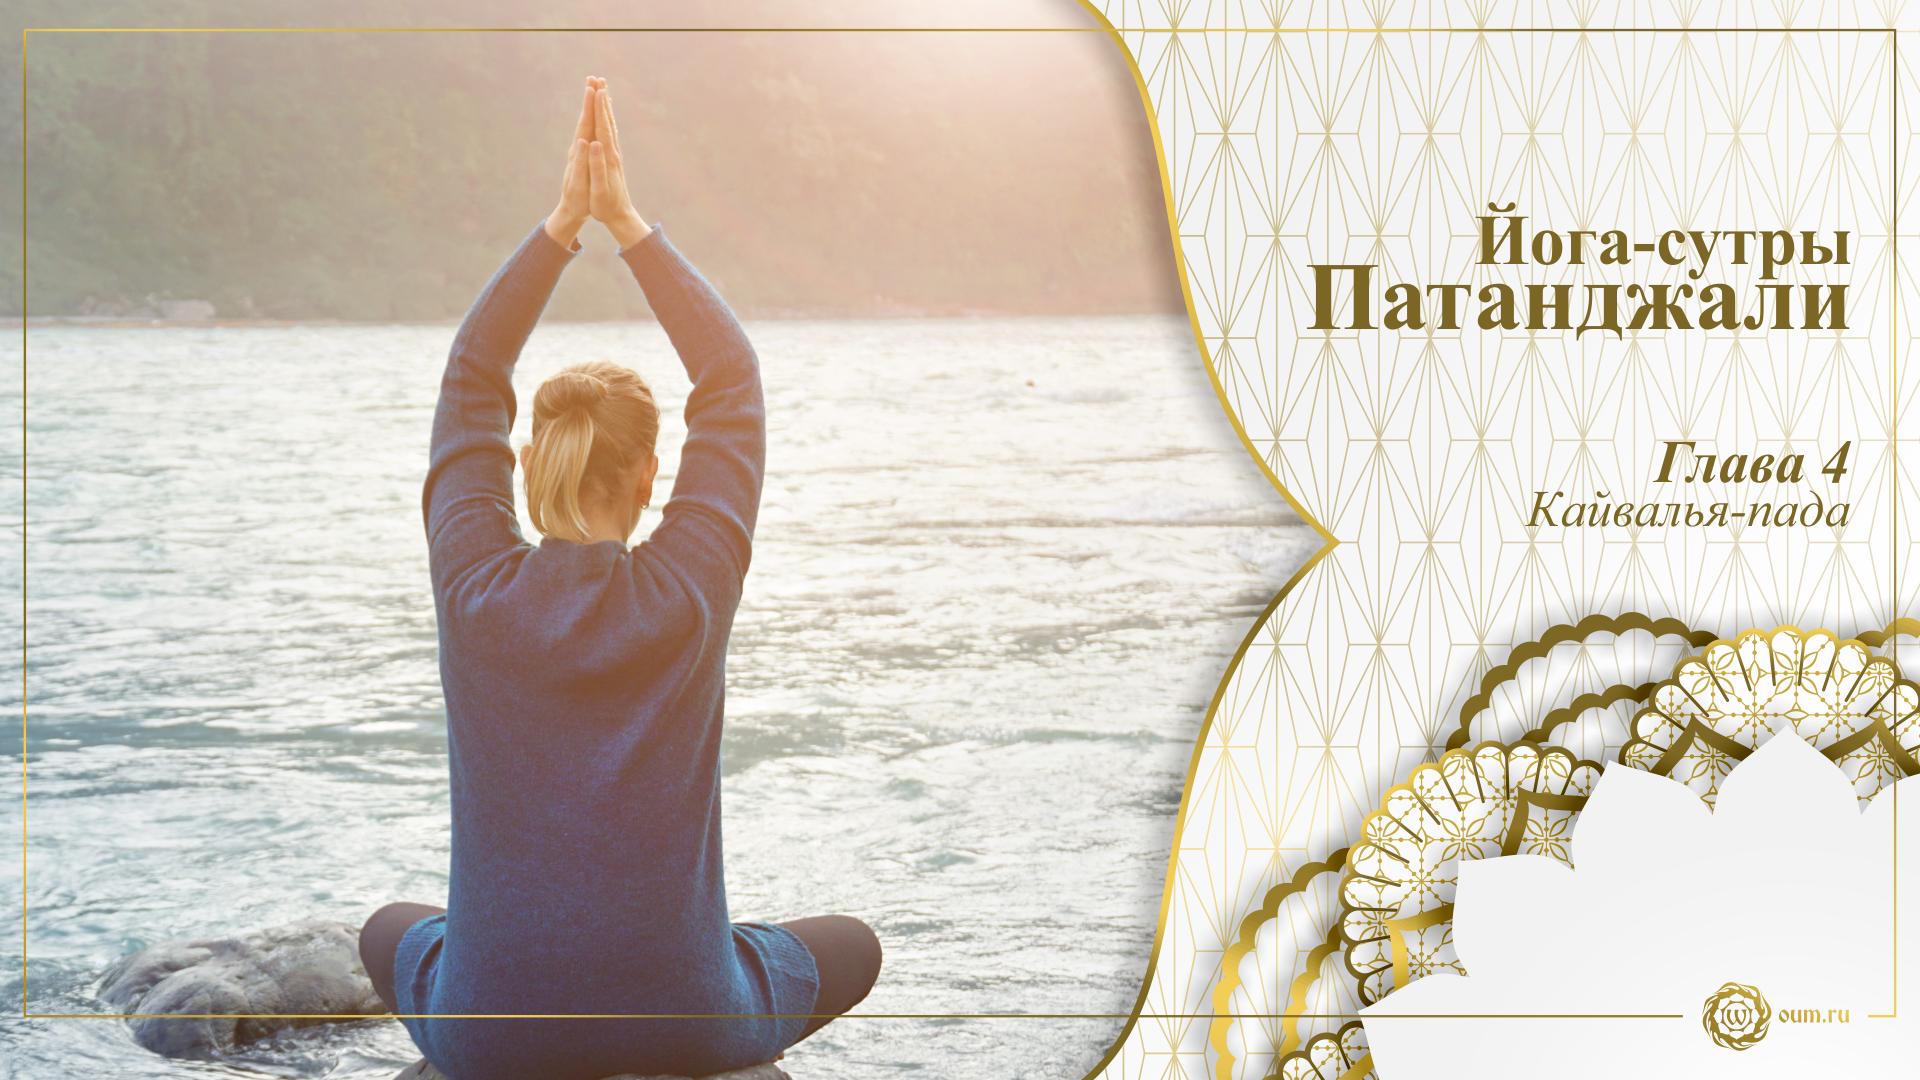 Йога-сутры Патанджали. Глава 4. Кайвалья-пада (рецитация)